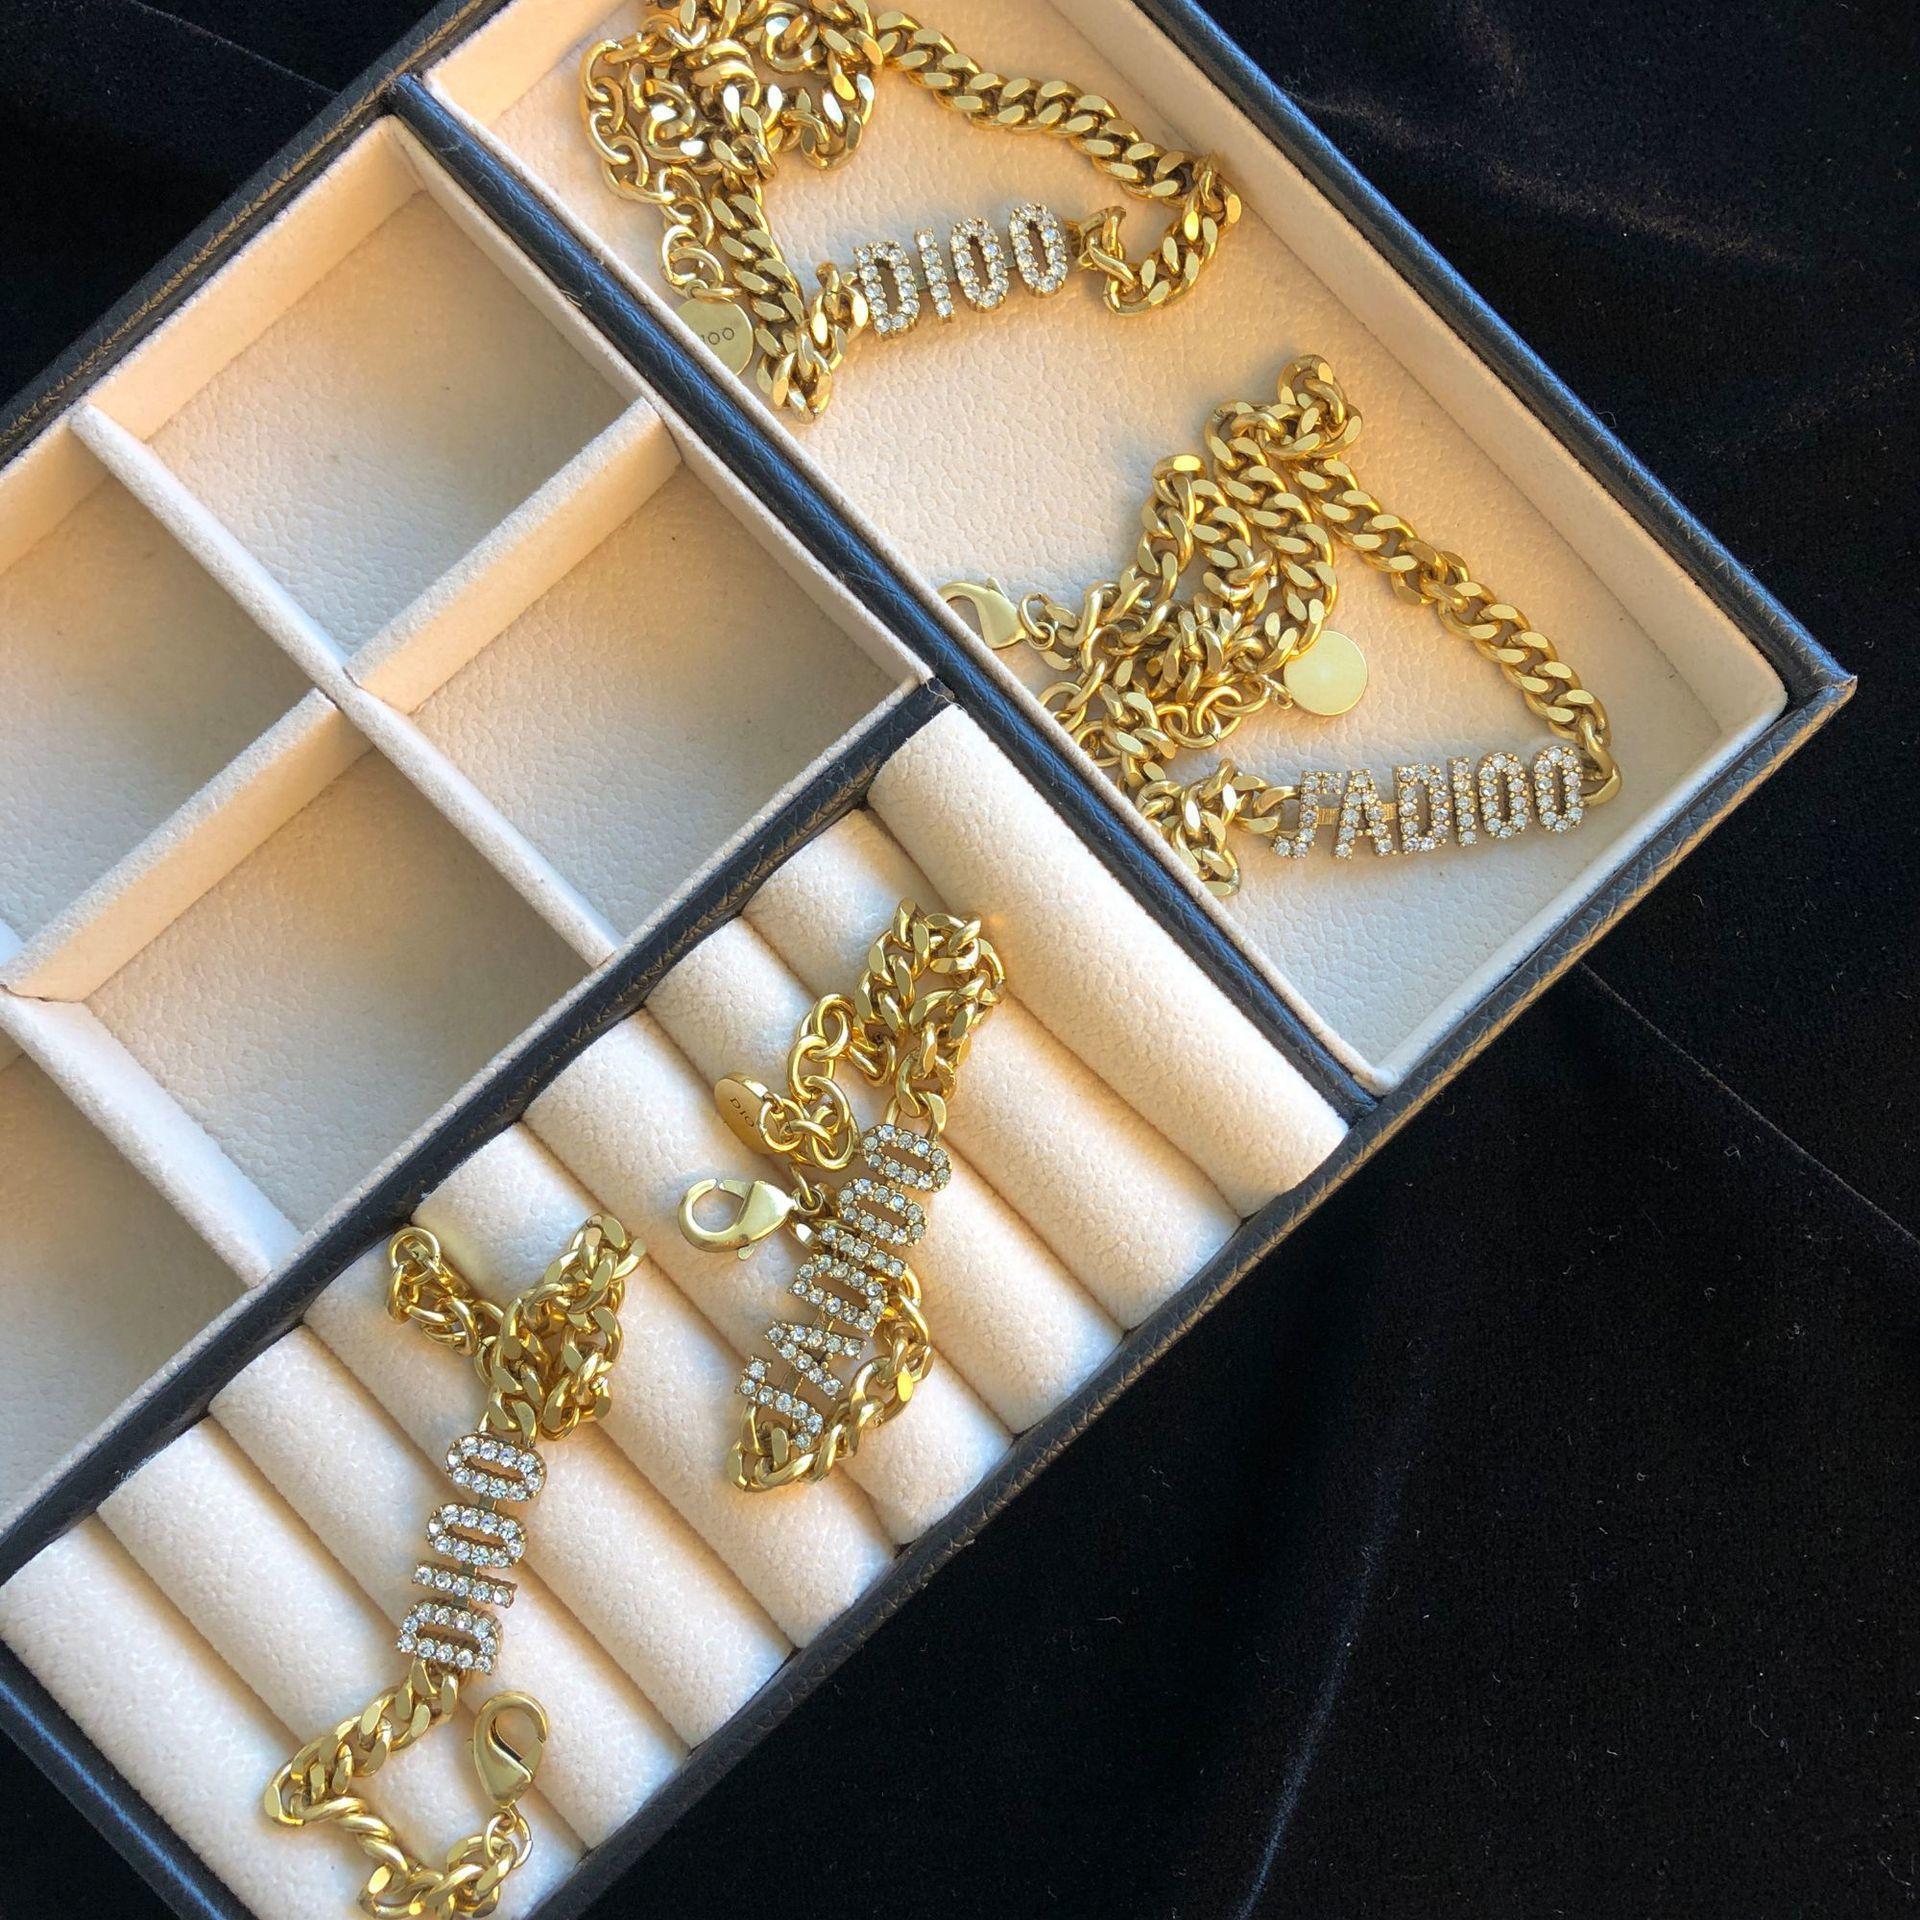 Gioielli CD di lusso 2020 Nuova collana della lettera di diamante femminile dijia Internet Celebrity Bracciale classico